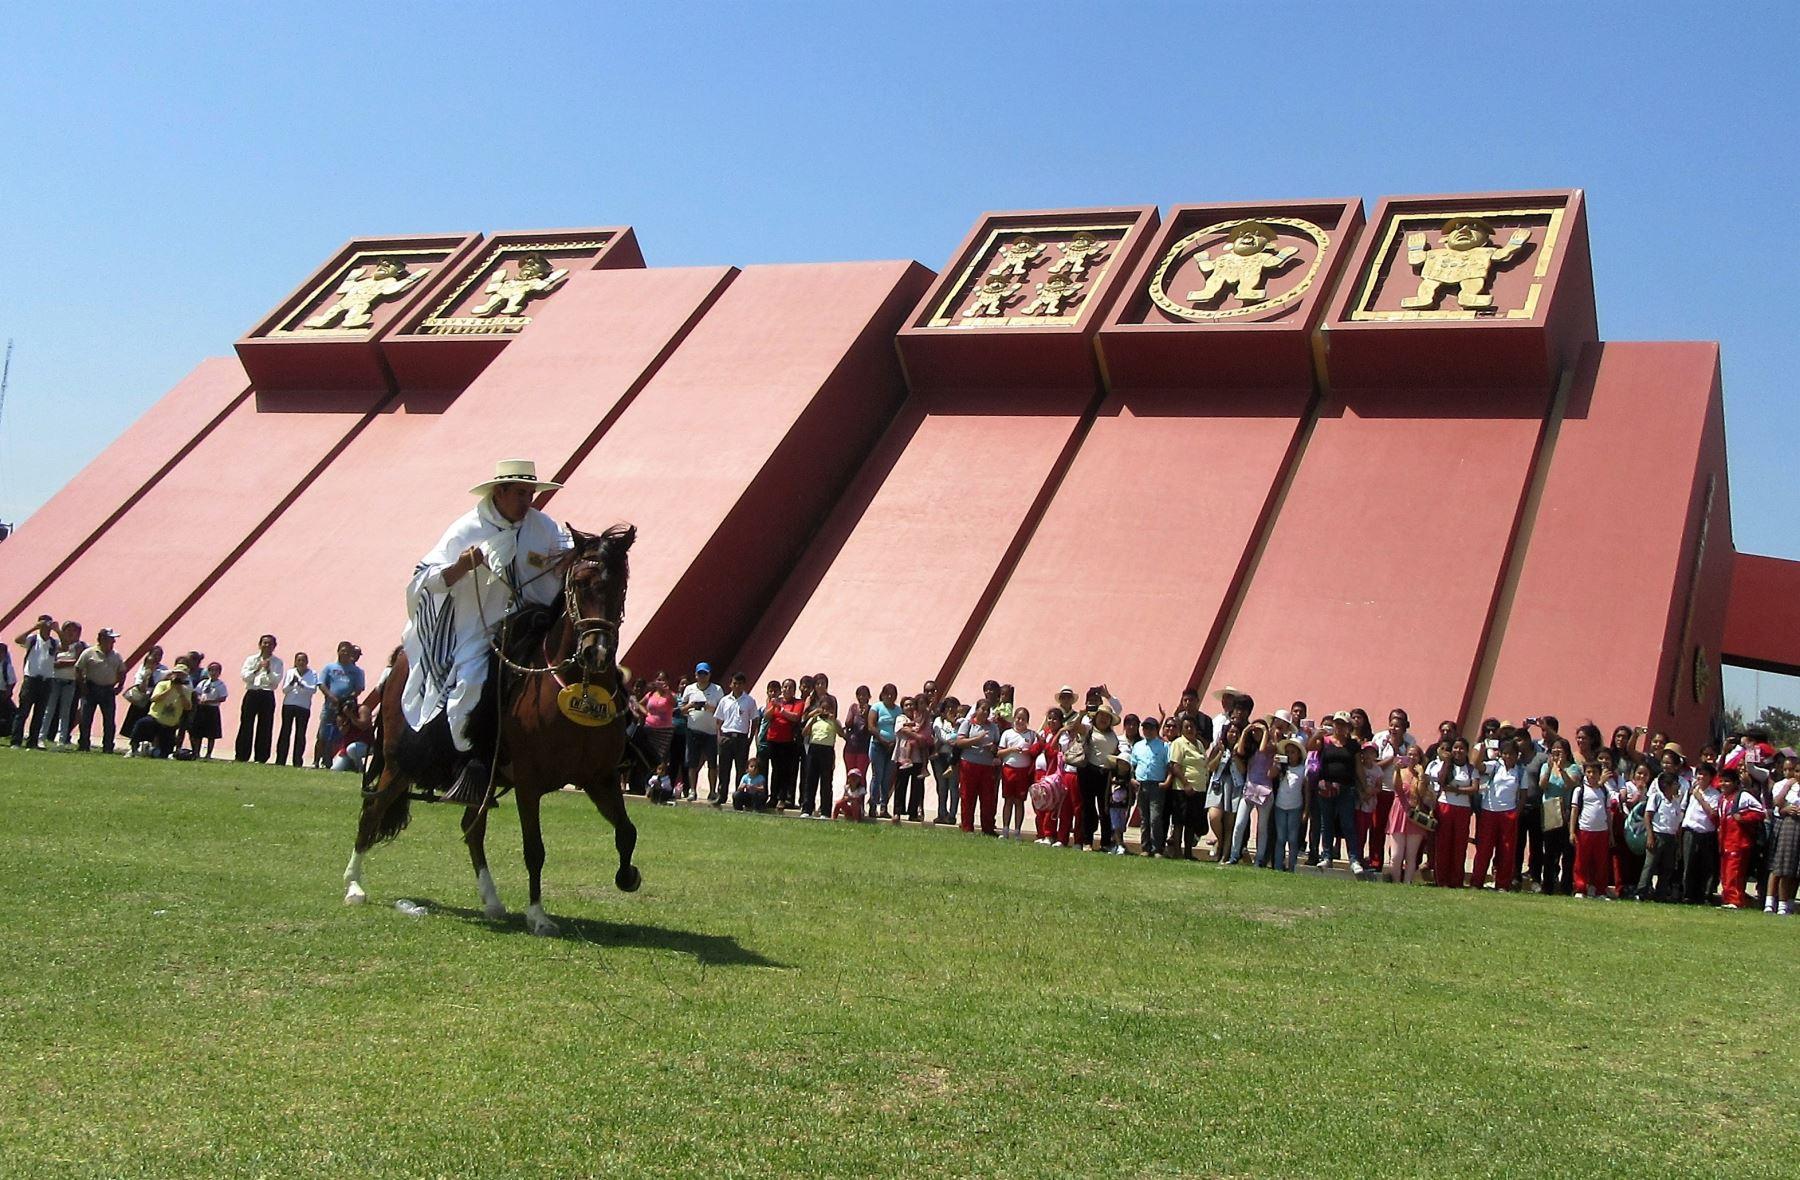 Con diversas actividades artísticas y culturales, el museo Tumbas Reales de Sipán, en Lambayeque, celebra su aniversario. ANDINA